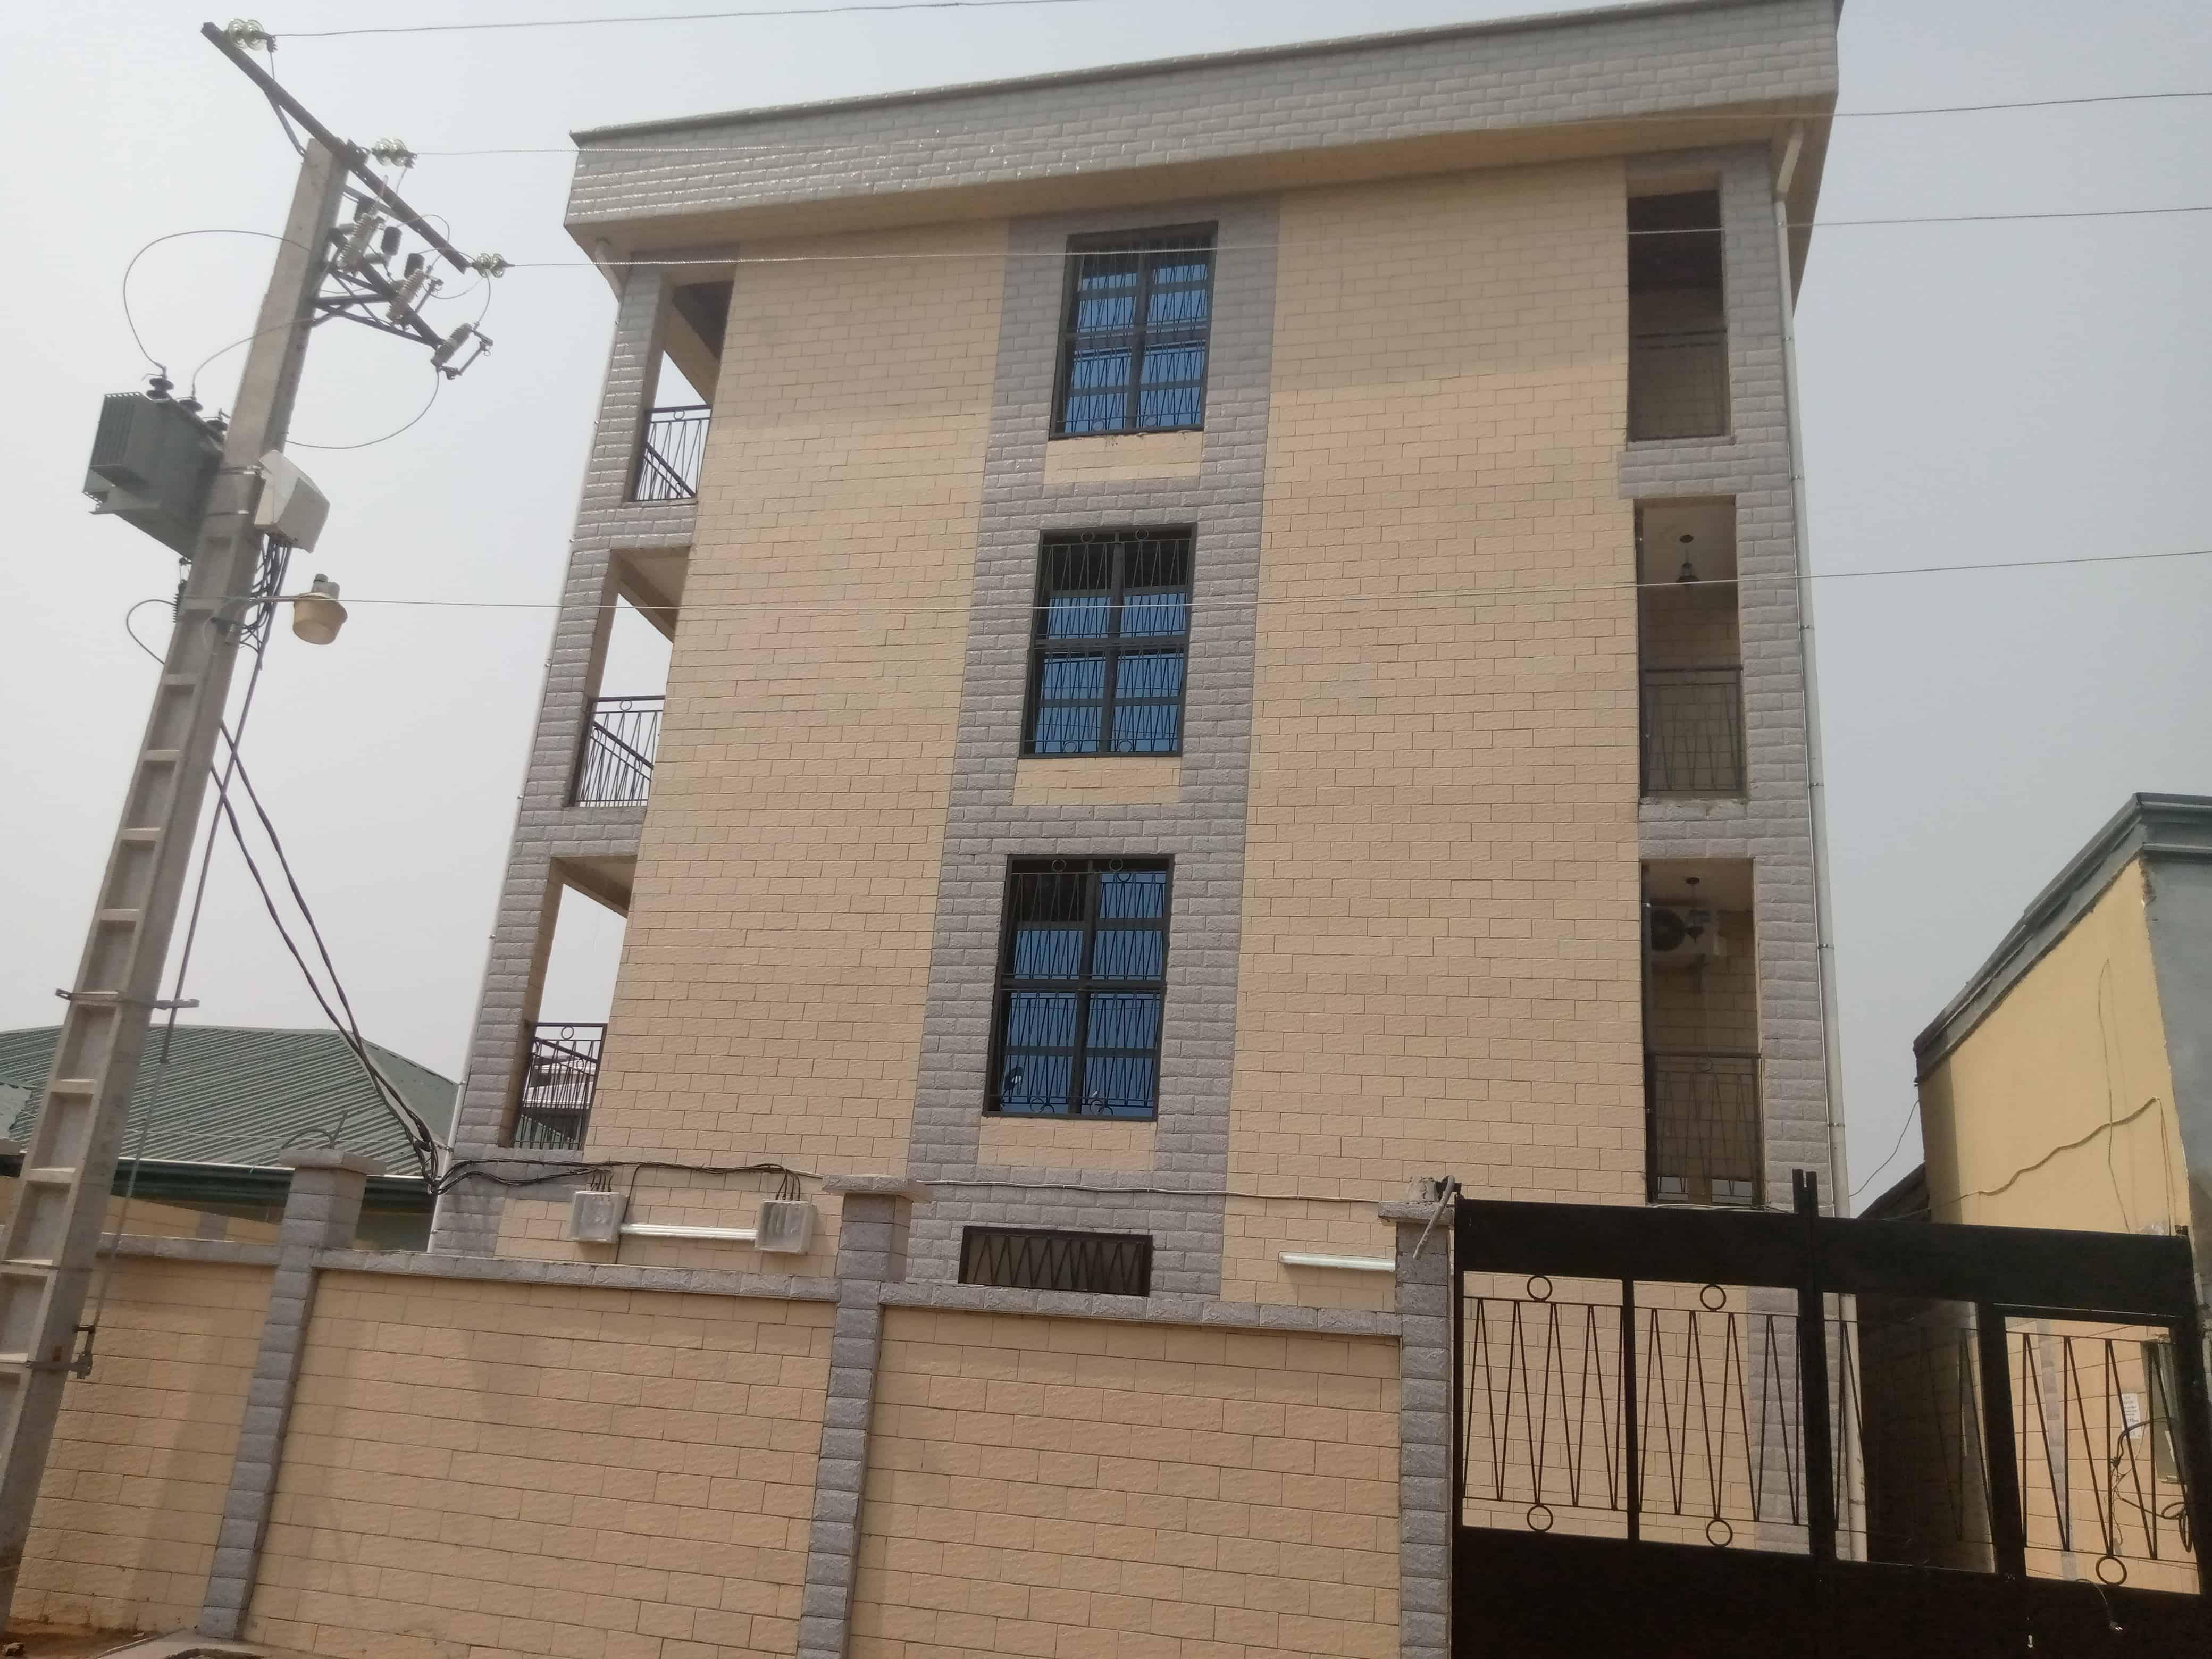 Chambre à louer - Douala, Kotto, Residence Kotto - 40 000 FCFA / mois